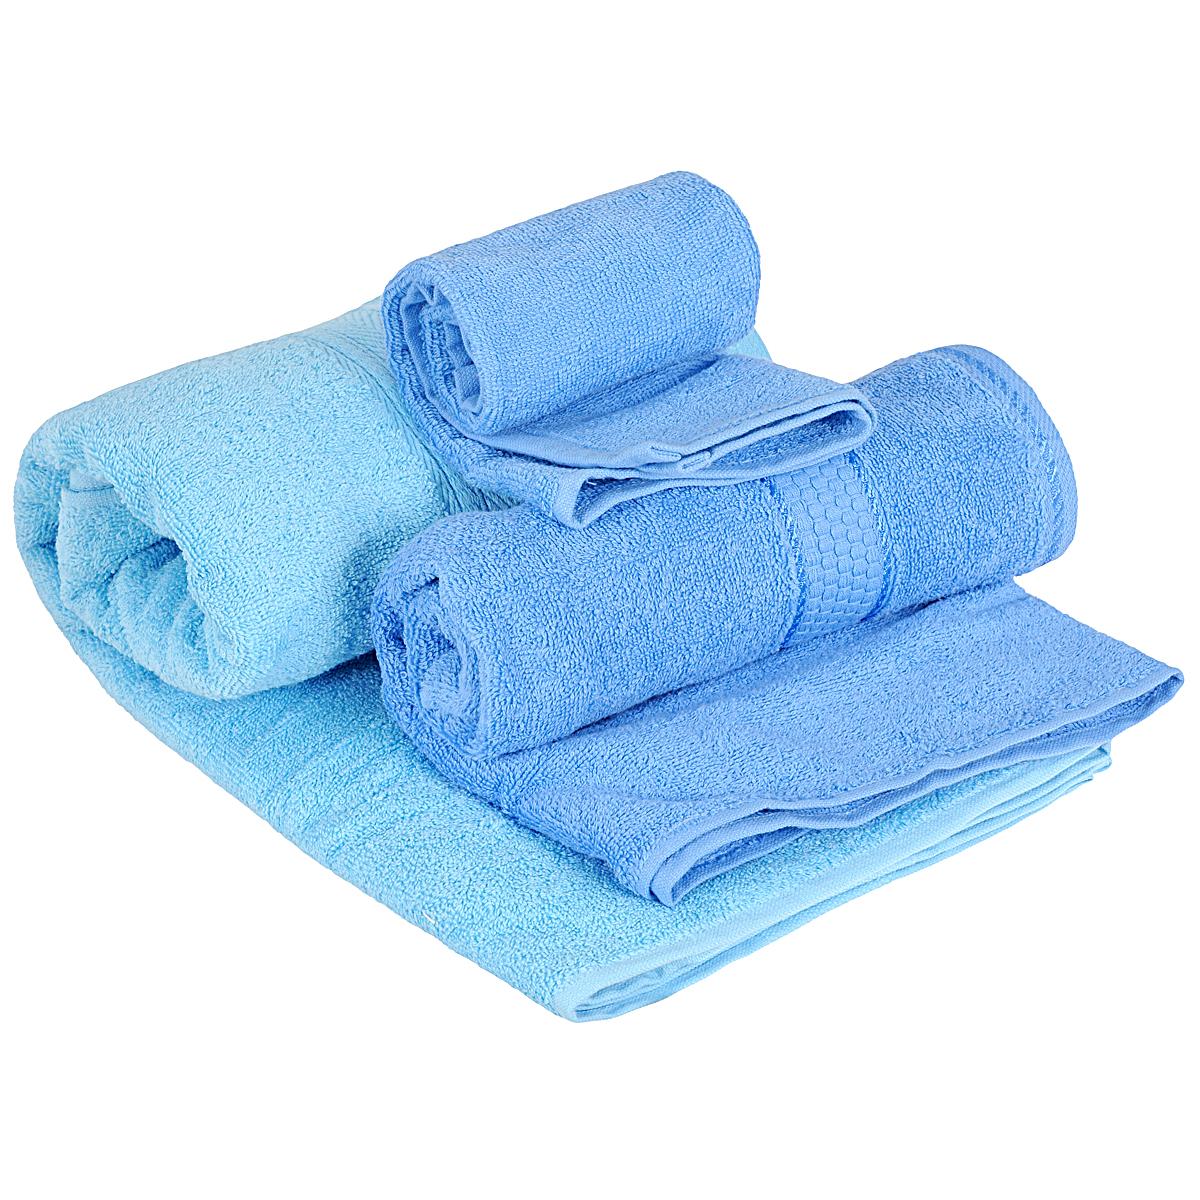 Набор махровых полотенец Osborn Textile, цвет: голубой, 3 штУзТ-КМП-08-06Набор Osborn Textile состоит из трех полотенец разного размера, выполненных из натурального хлопка. Такие полотенца отлично впитывают влагу, быстро сохнут, сохраняют яркость цвета и не теряют формы даже после многократных стирок. Полотенца очень практичны и неприхотливы в уходе. Размер полотенец: 40 см х 40 см; 50 см х 90 см; 70 см х 140 см. Плотность: 450 г/м2.